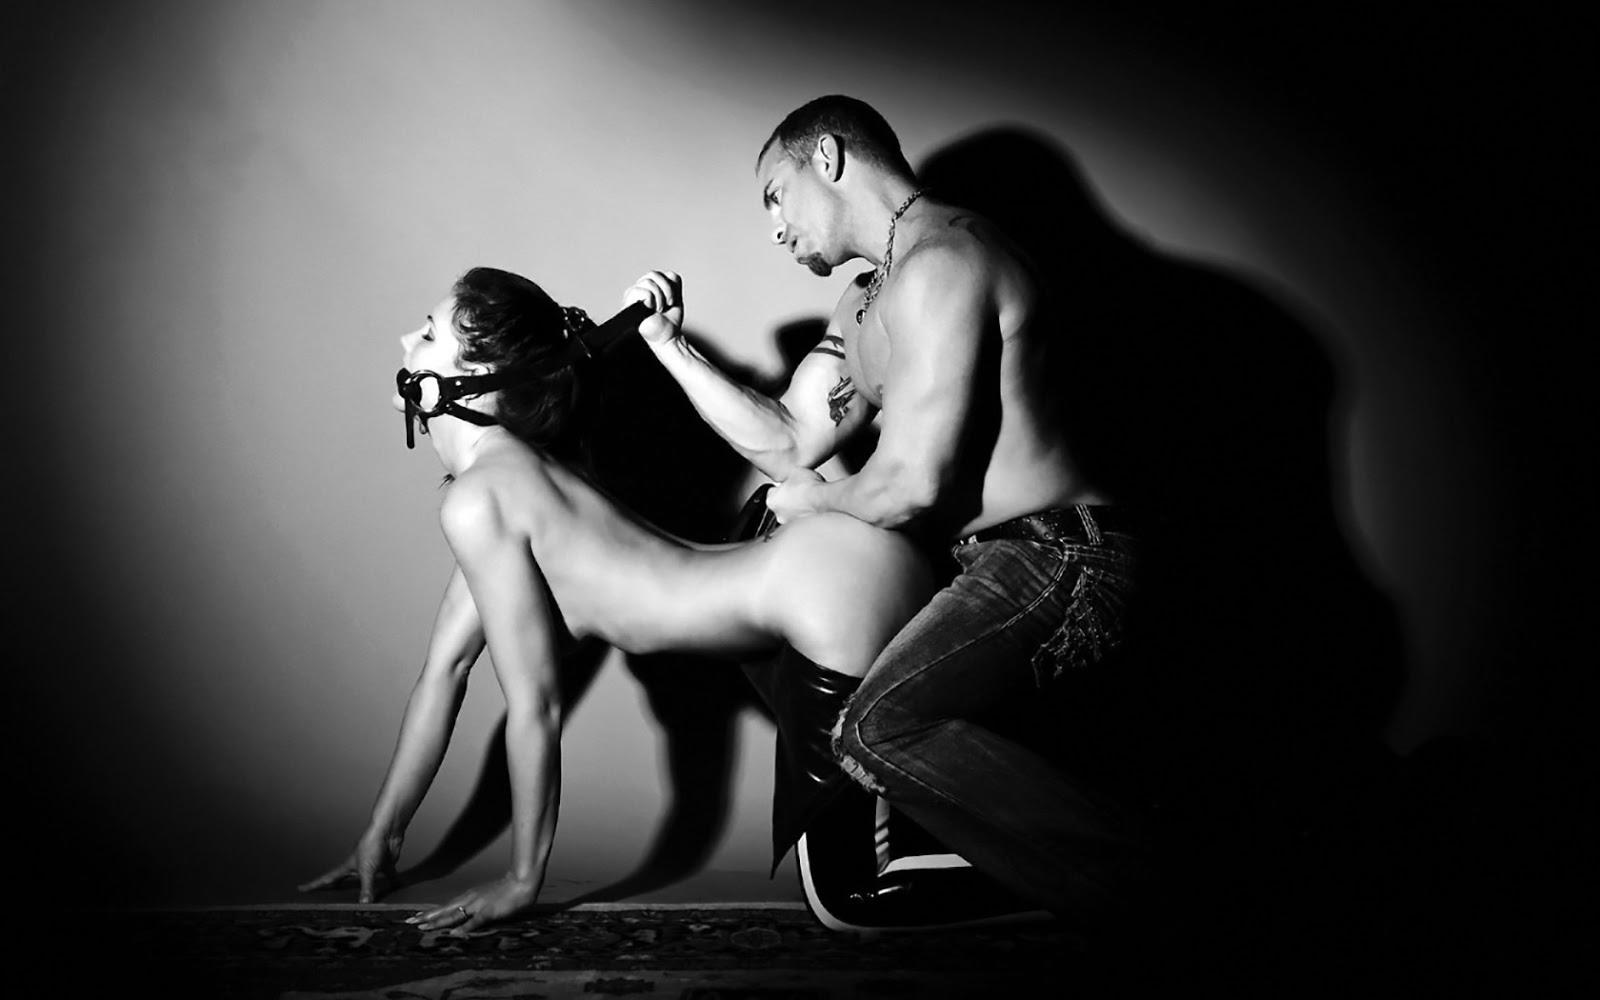 Странные эротические фантазии 15 фотография